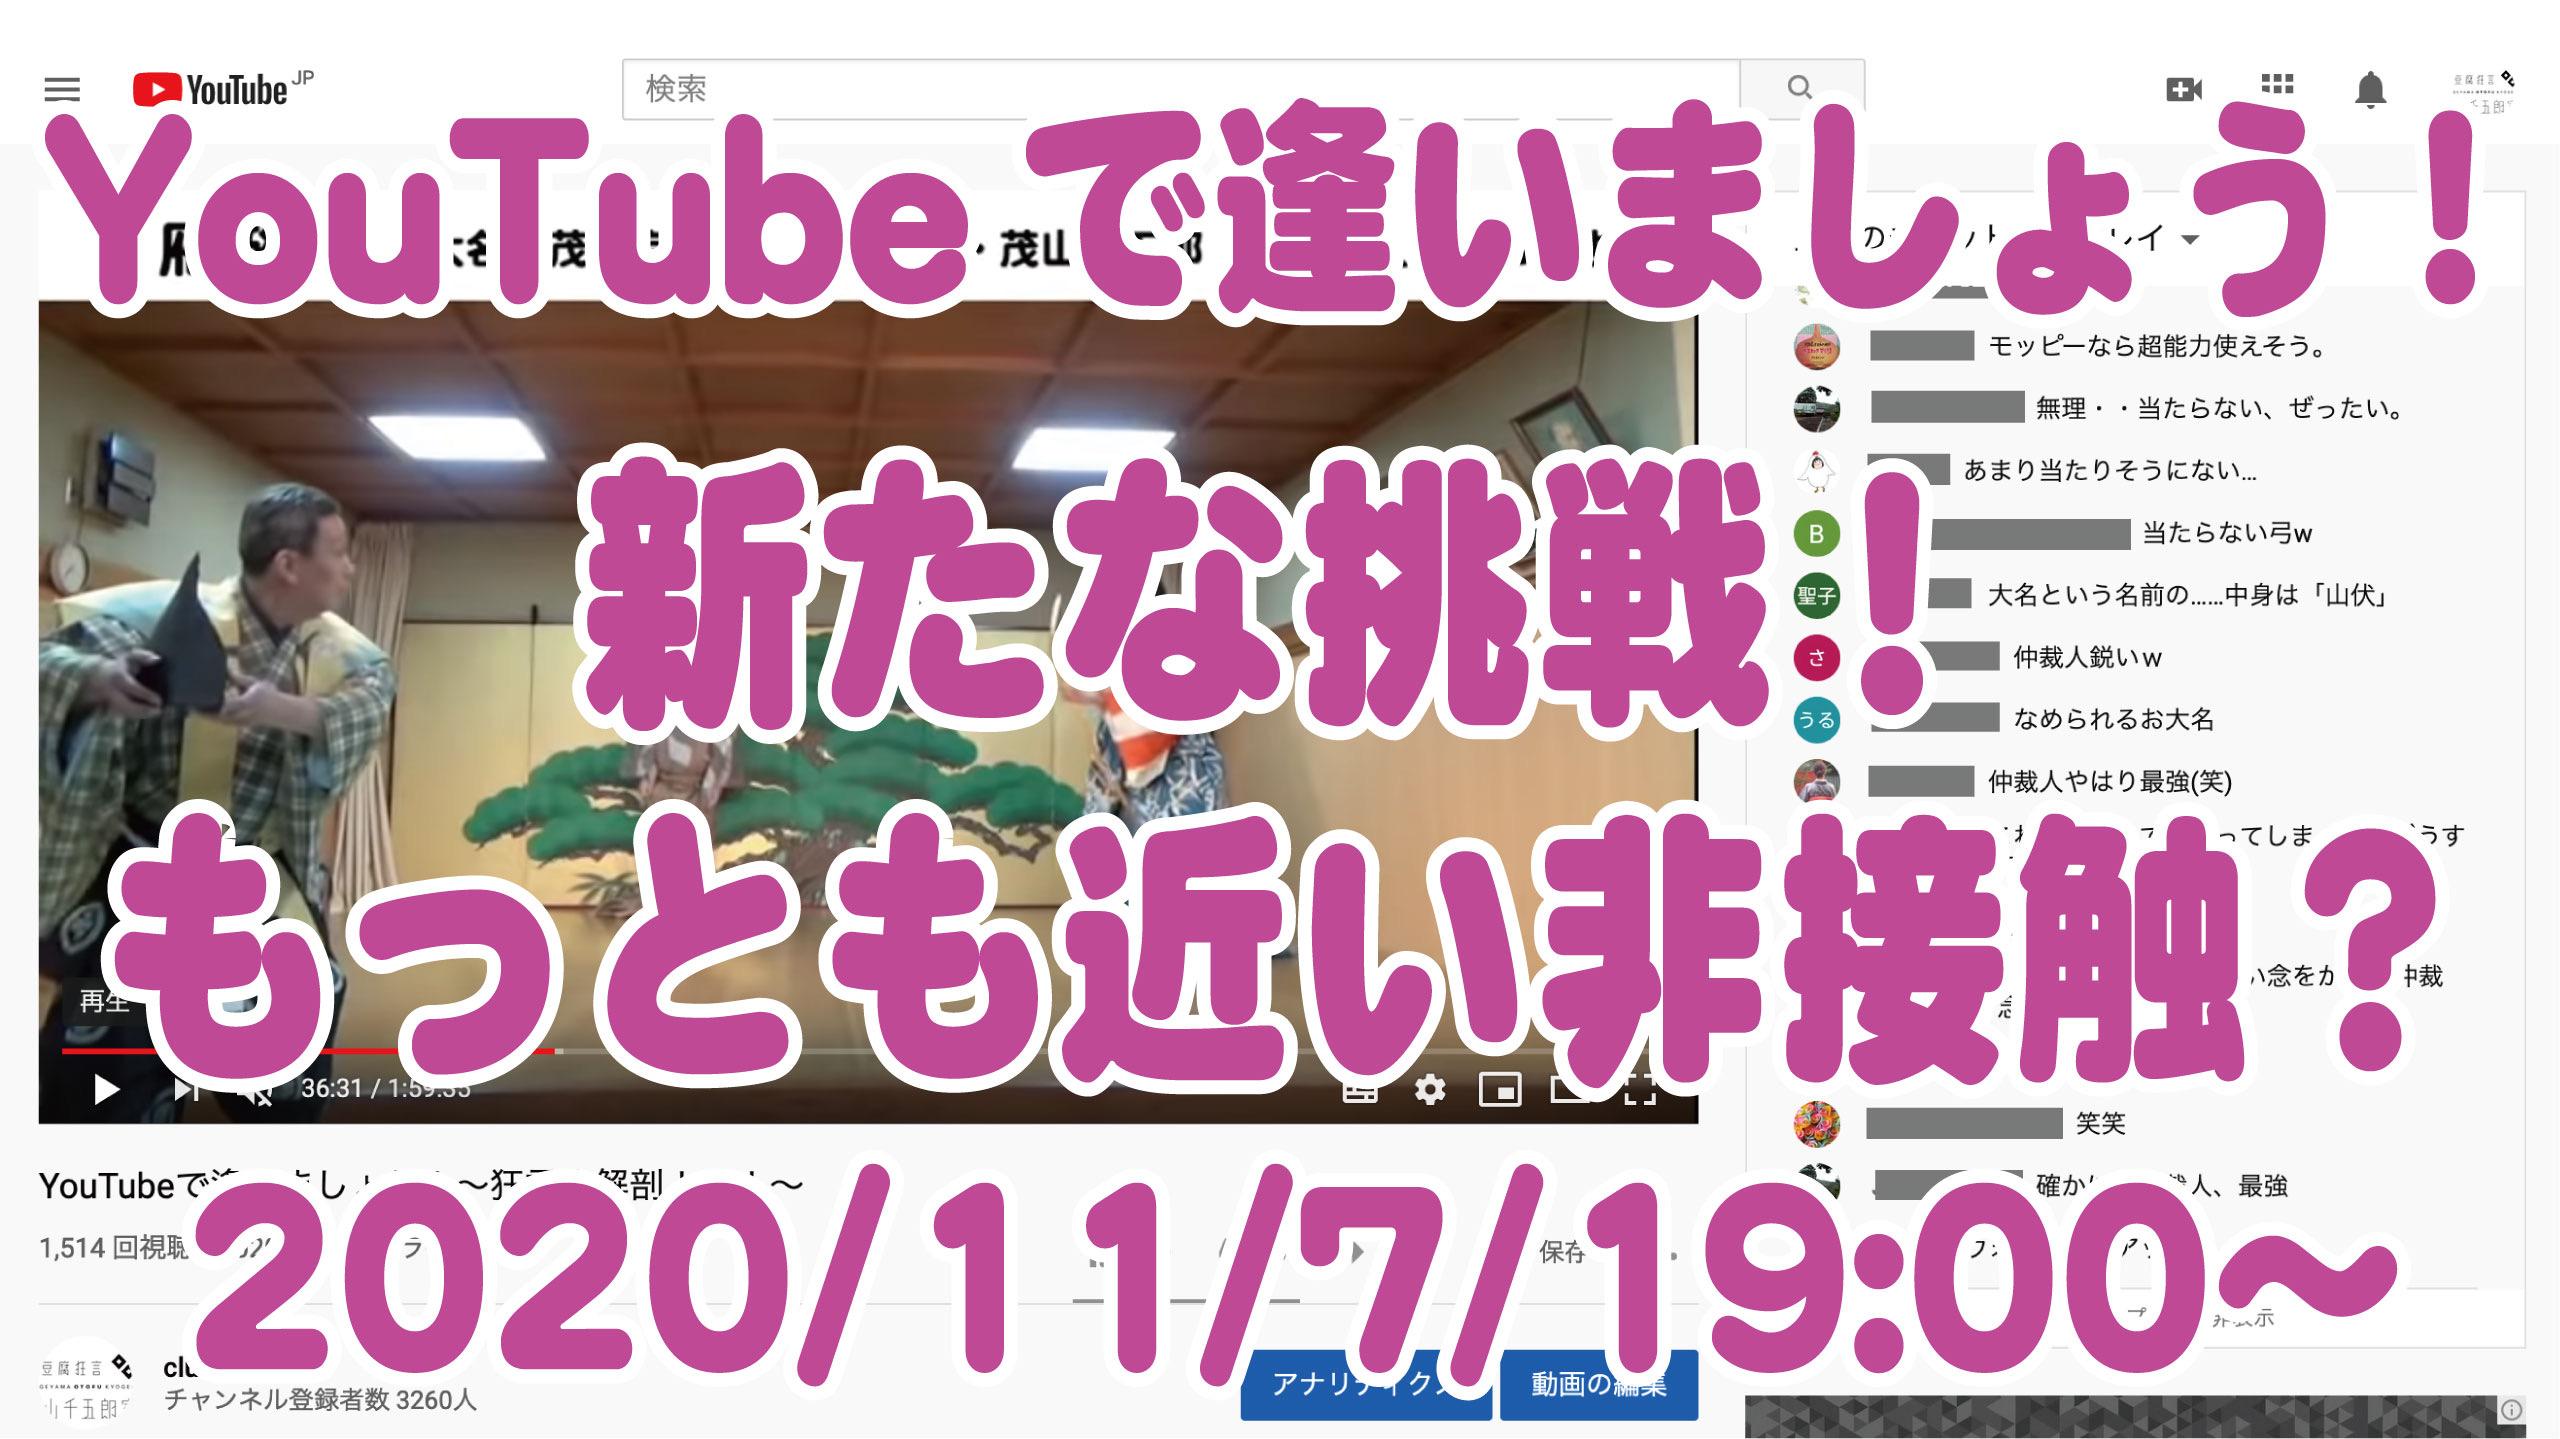 YouTubeで逢いましょう!ライブ配信は11/7(土)19:00〜!